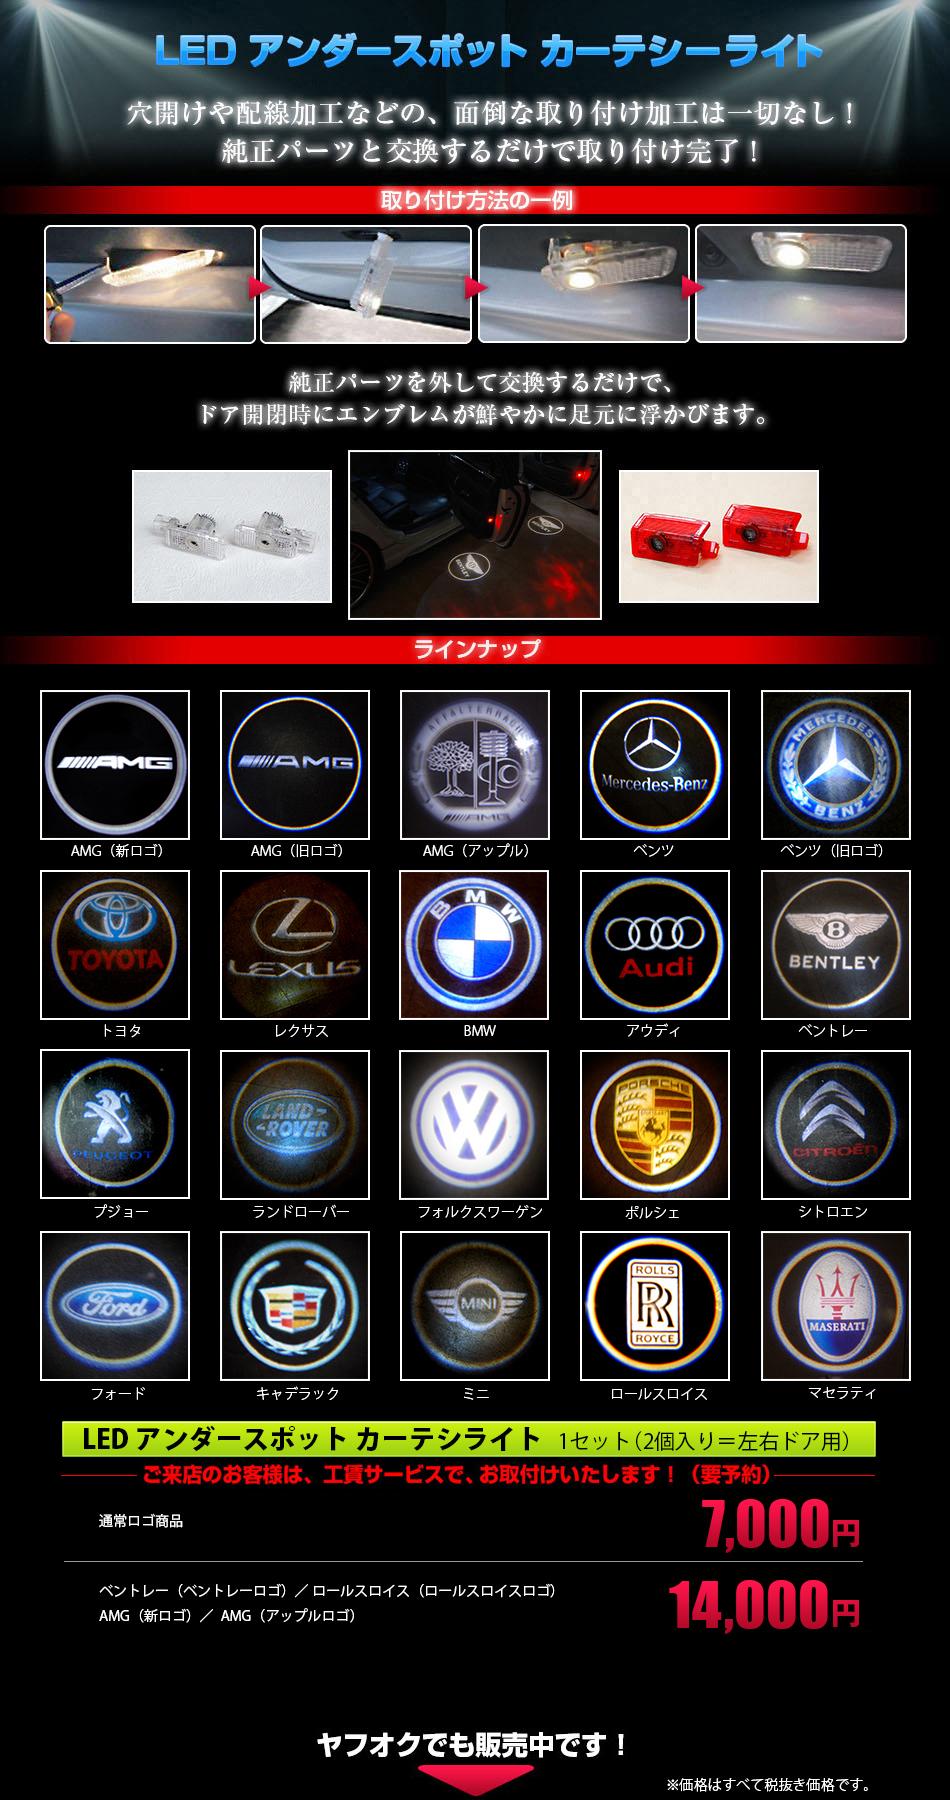 アンダースポットカーテシーライト、ベンツ、ベントレー、レクサス、BMW、アウディ